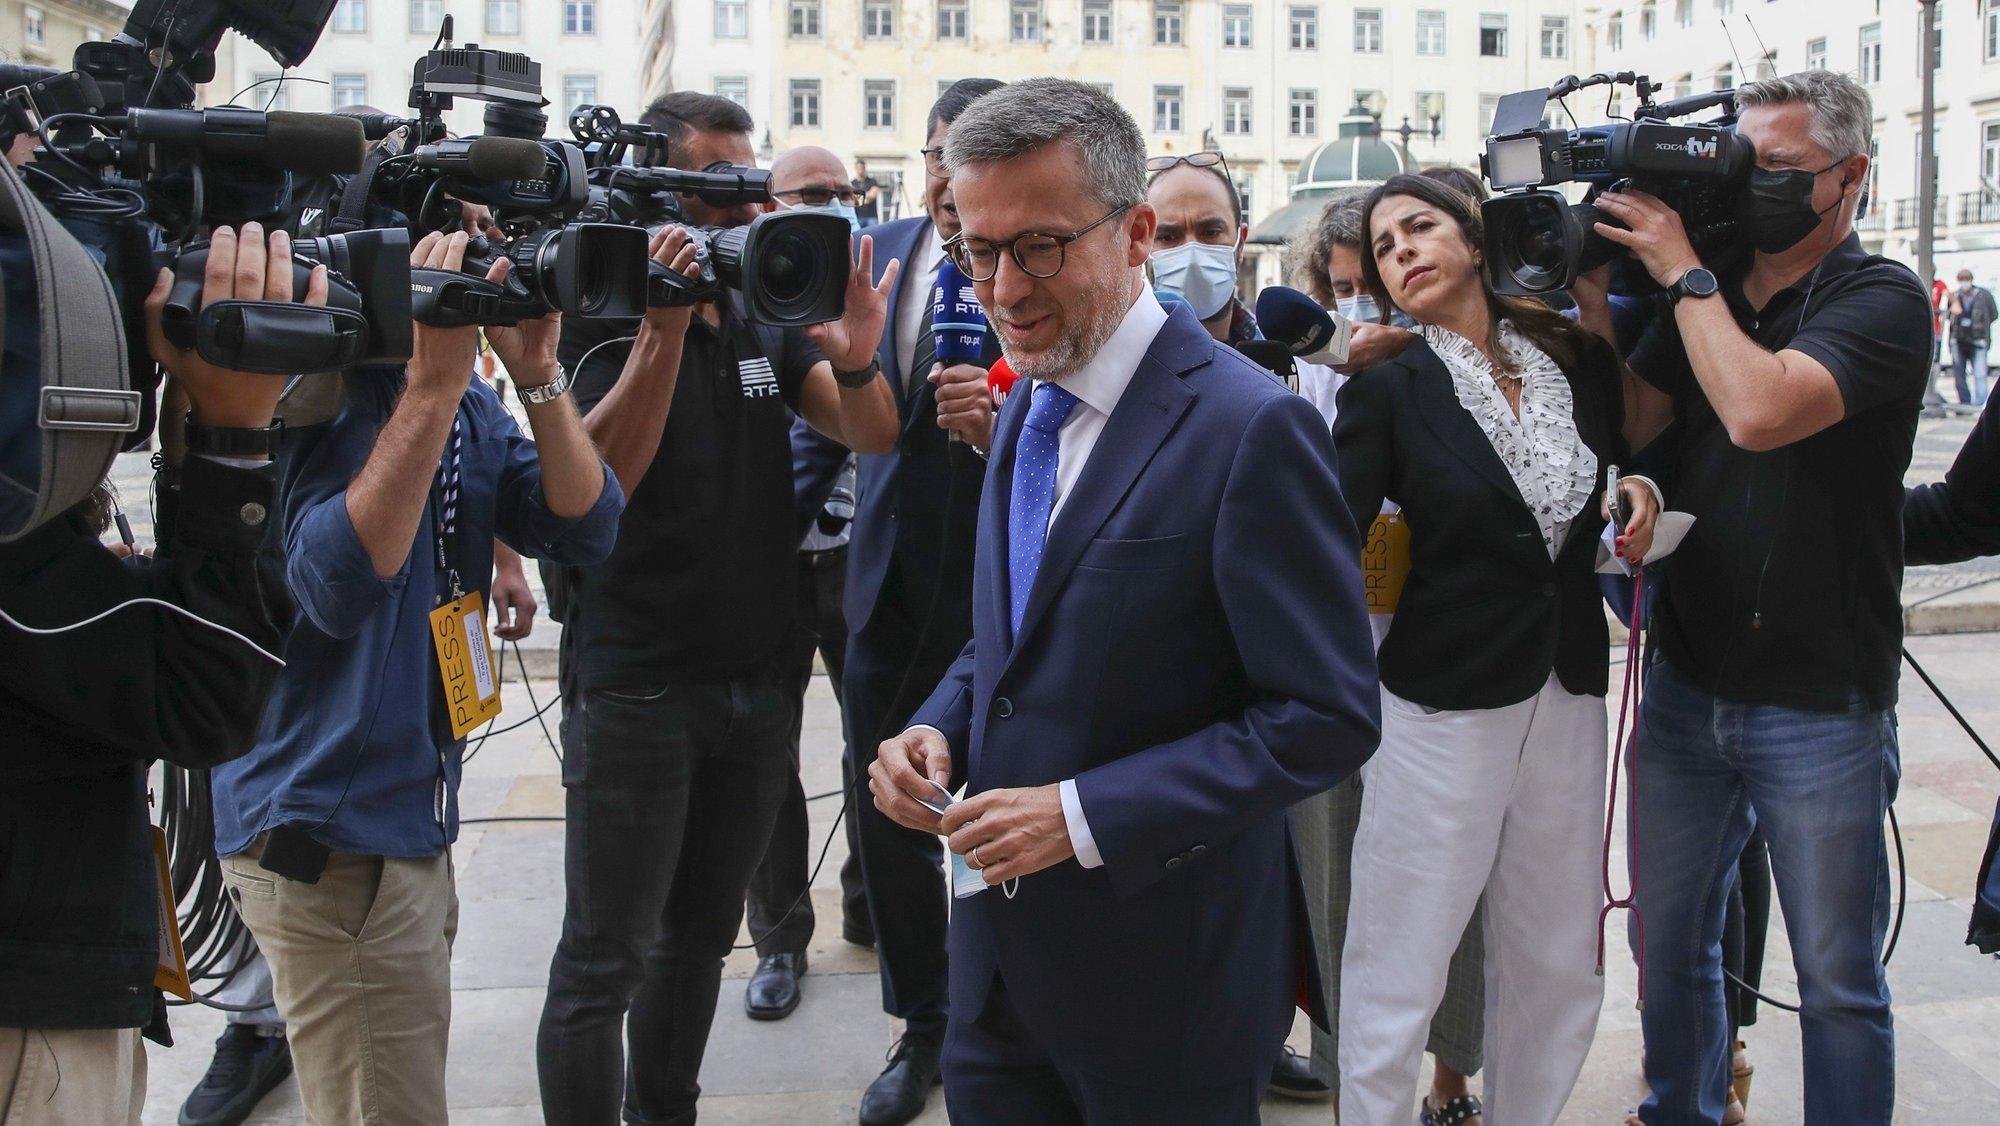 O presidente eleito da Câmara Municipal de Lisboa, Carlos Moedas, à chegada para as comemorações oficiais do 5 de Outubro, Dia da Implantação da República Portuguesa, realizadas na Câmara Municipal de Lisboa, 5 de outubro de 2021. MANUEL DE ALMEIDA/LUSA